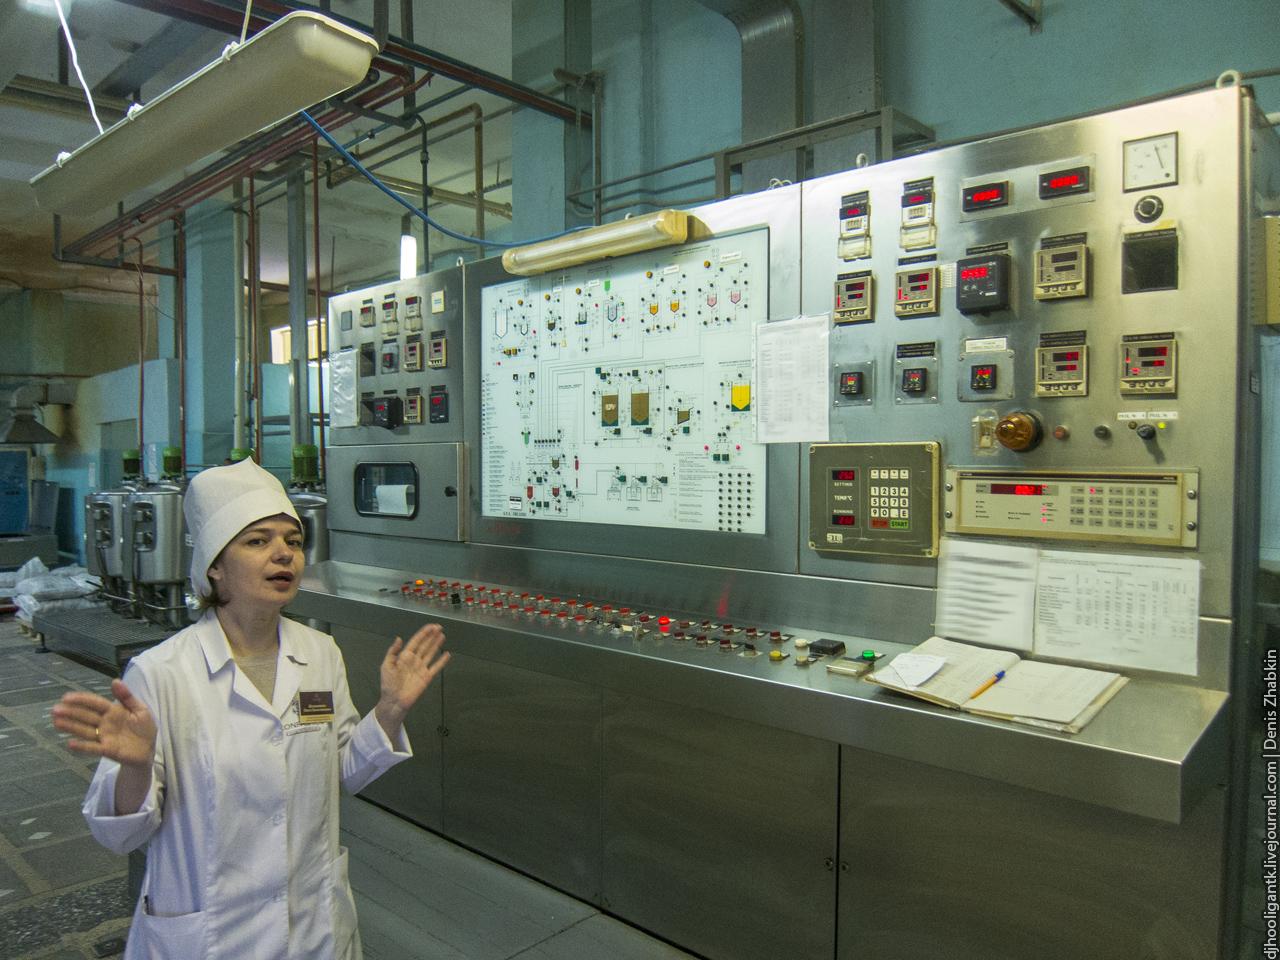 Саратовская кондитерская фабрика: как производят крекеры